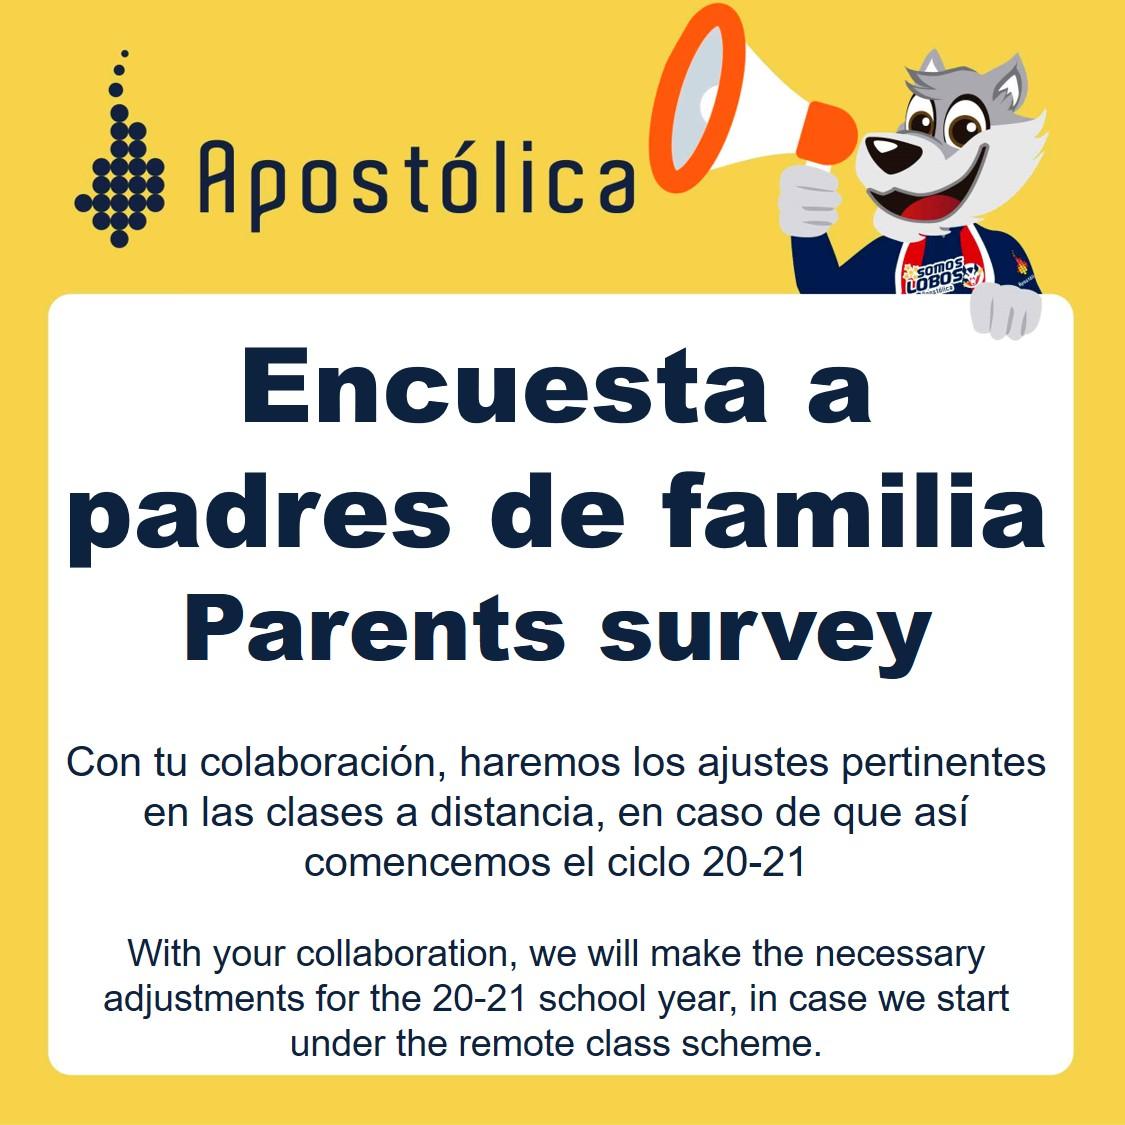 Encuesta a padres de familia